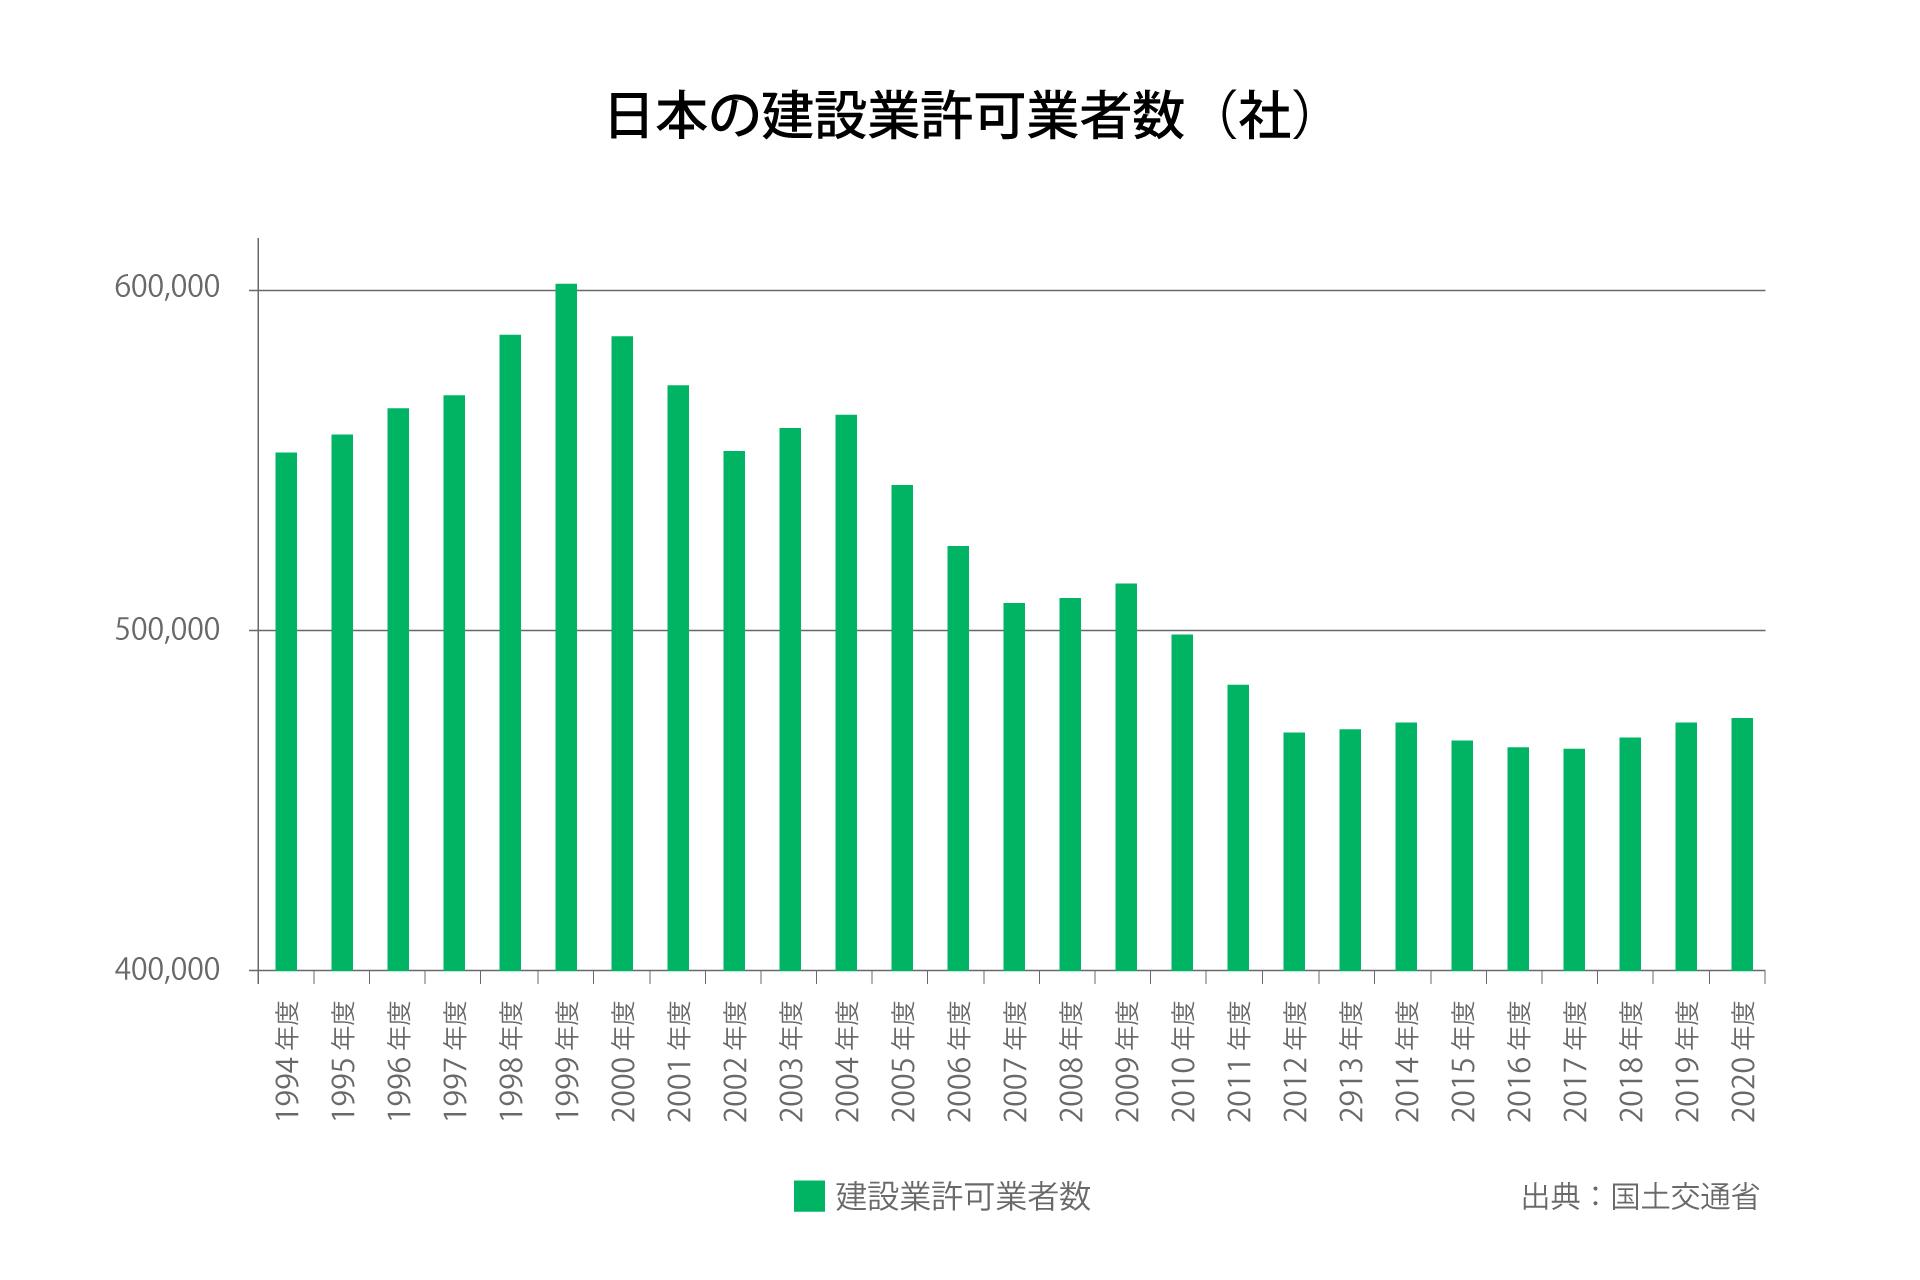 日本の建設業許可業者数